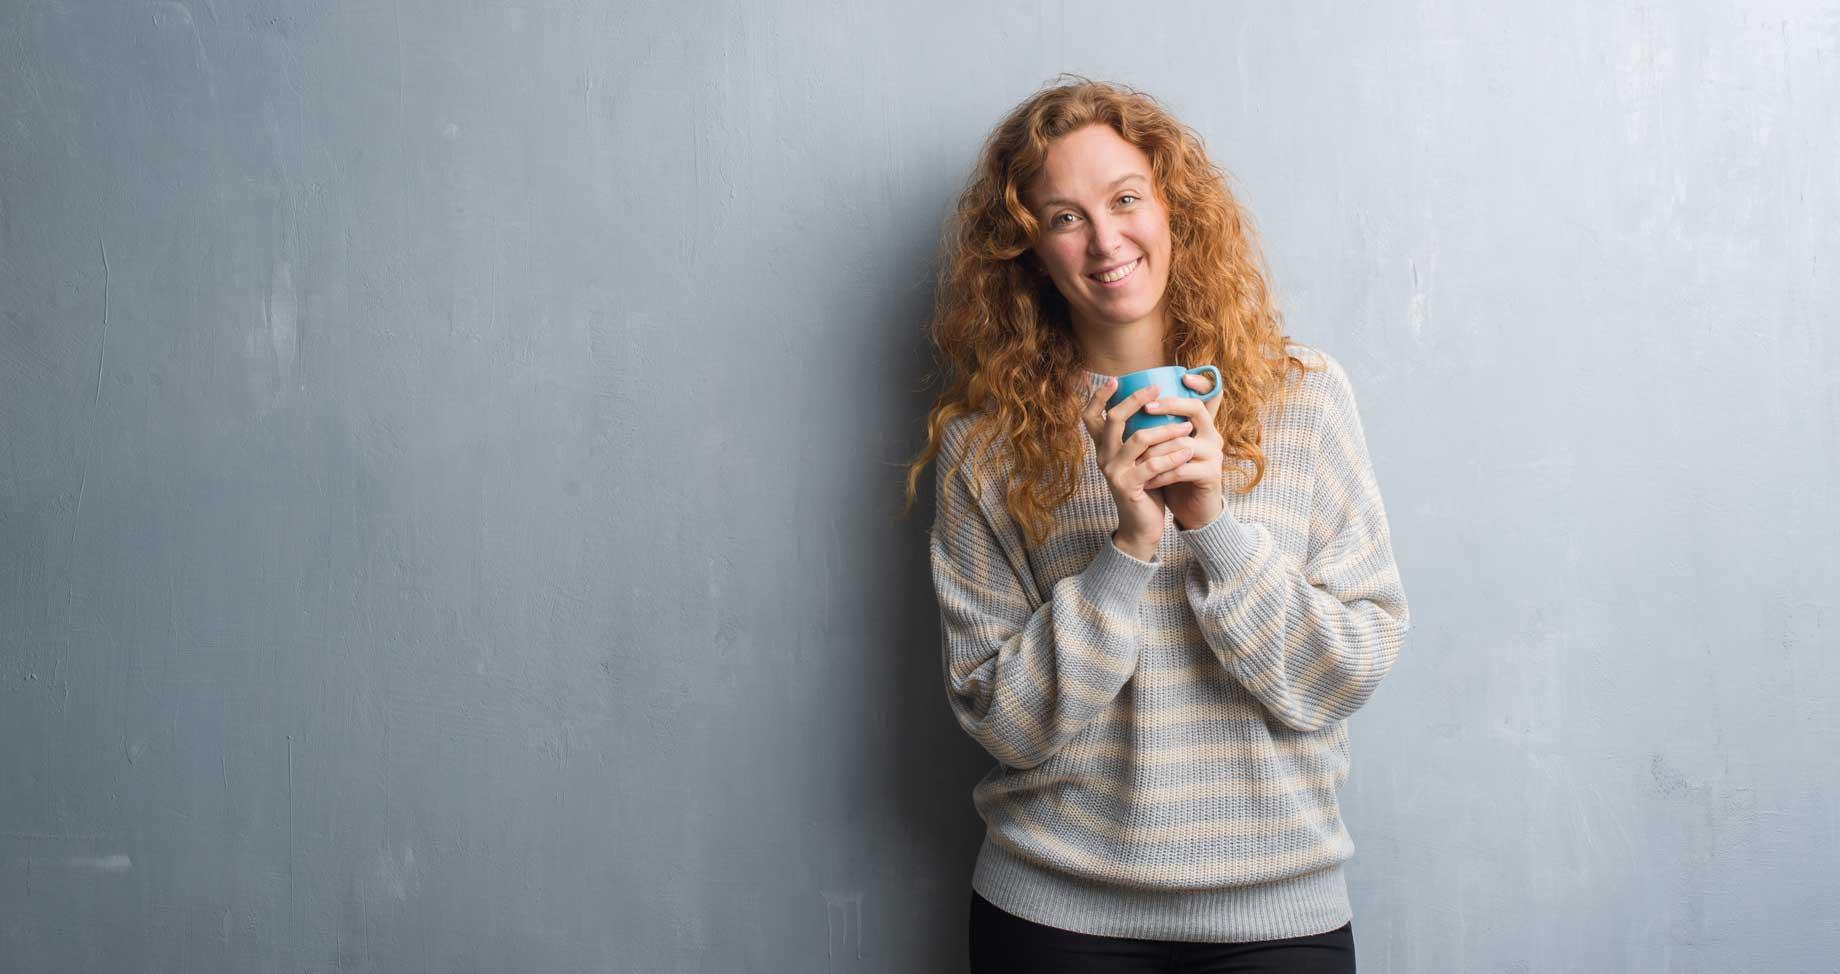 Junge Frau steht vor einem grauen Hintergrund und hält eine Tasse mit antibakteriellem Nahrungsmittel in der Hand